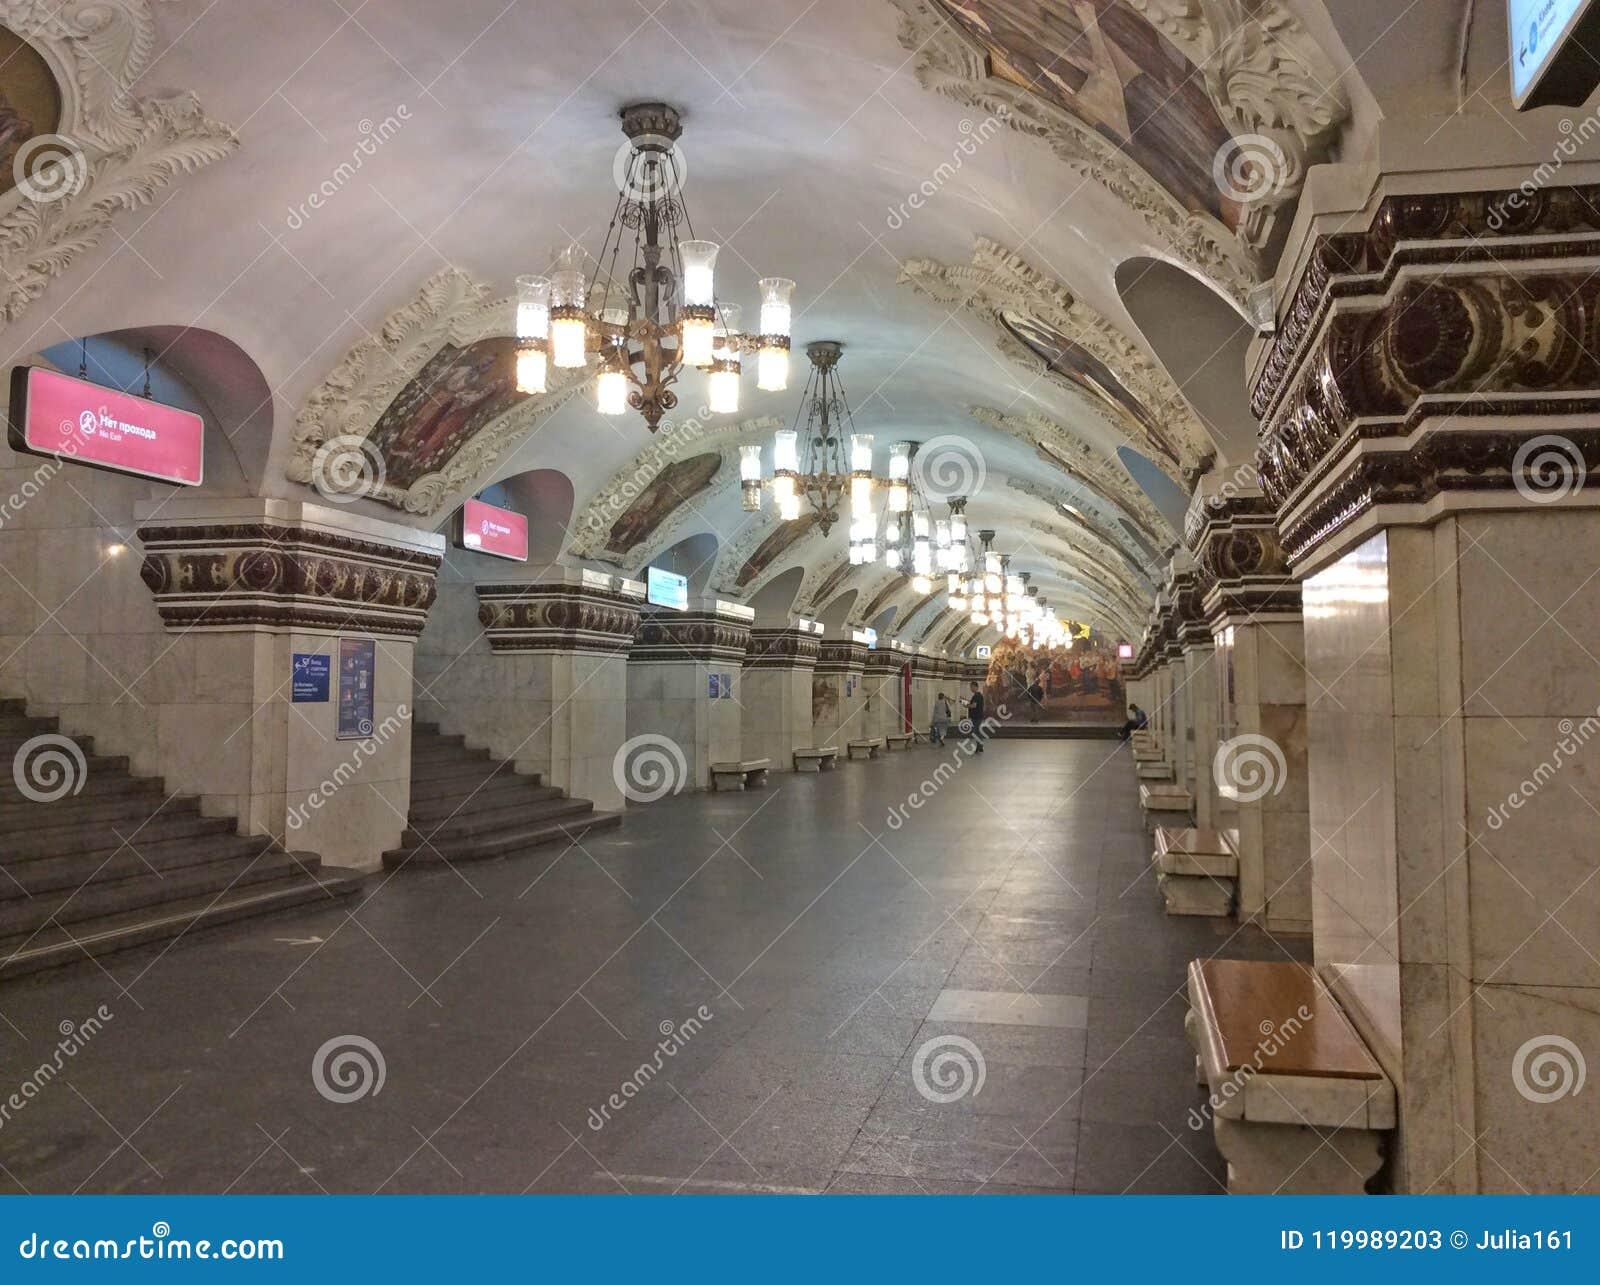 How to get to metro Kievskaya 32